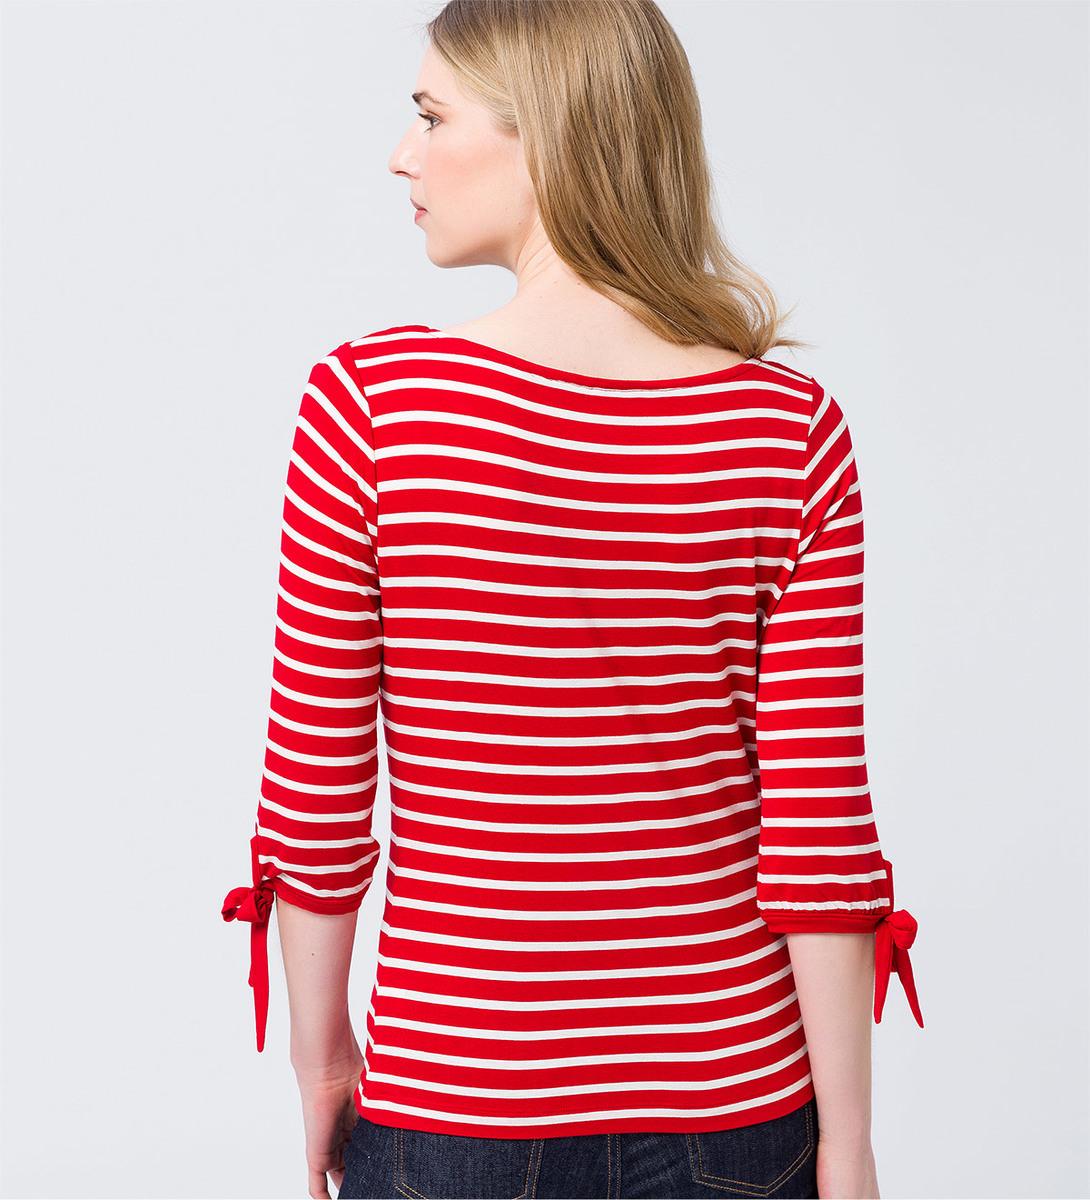 Shirt mit Bändchen in fresh red